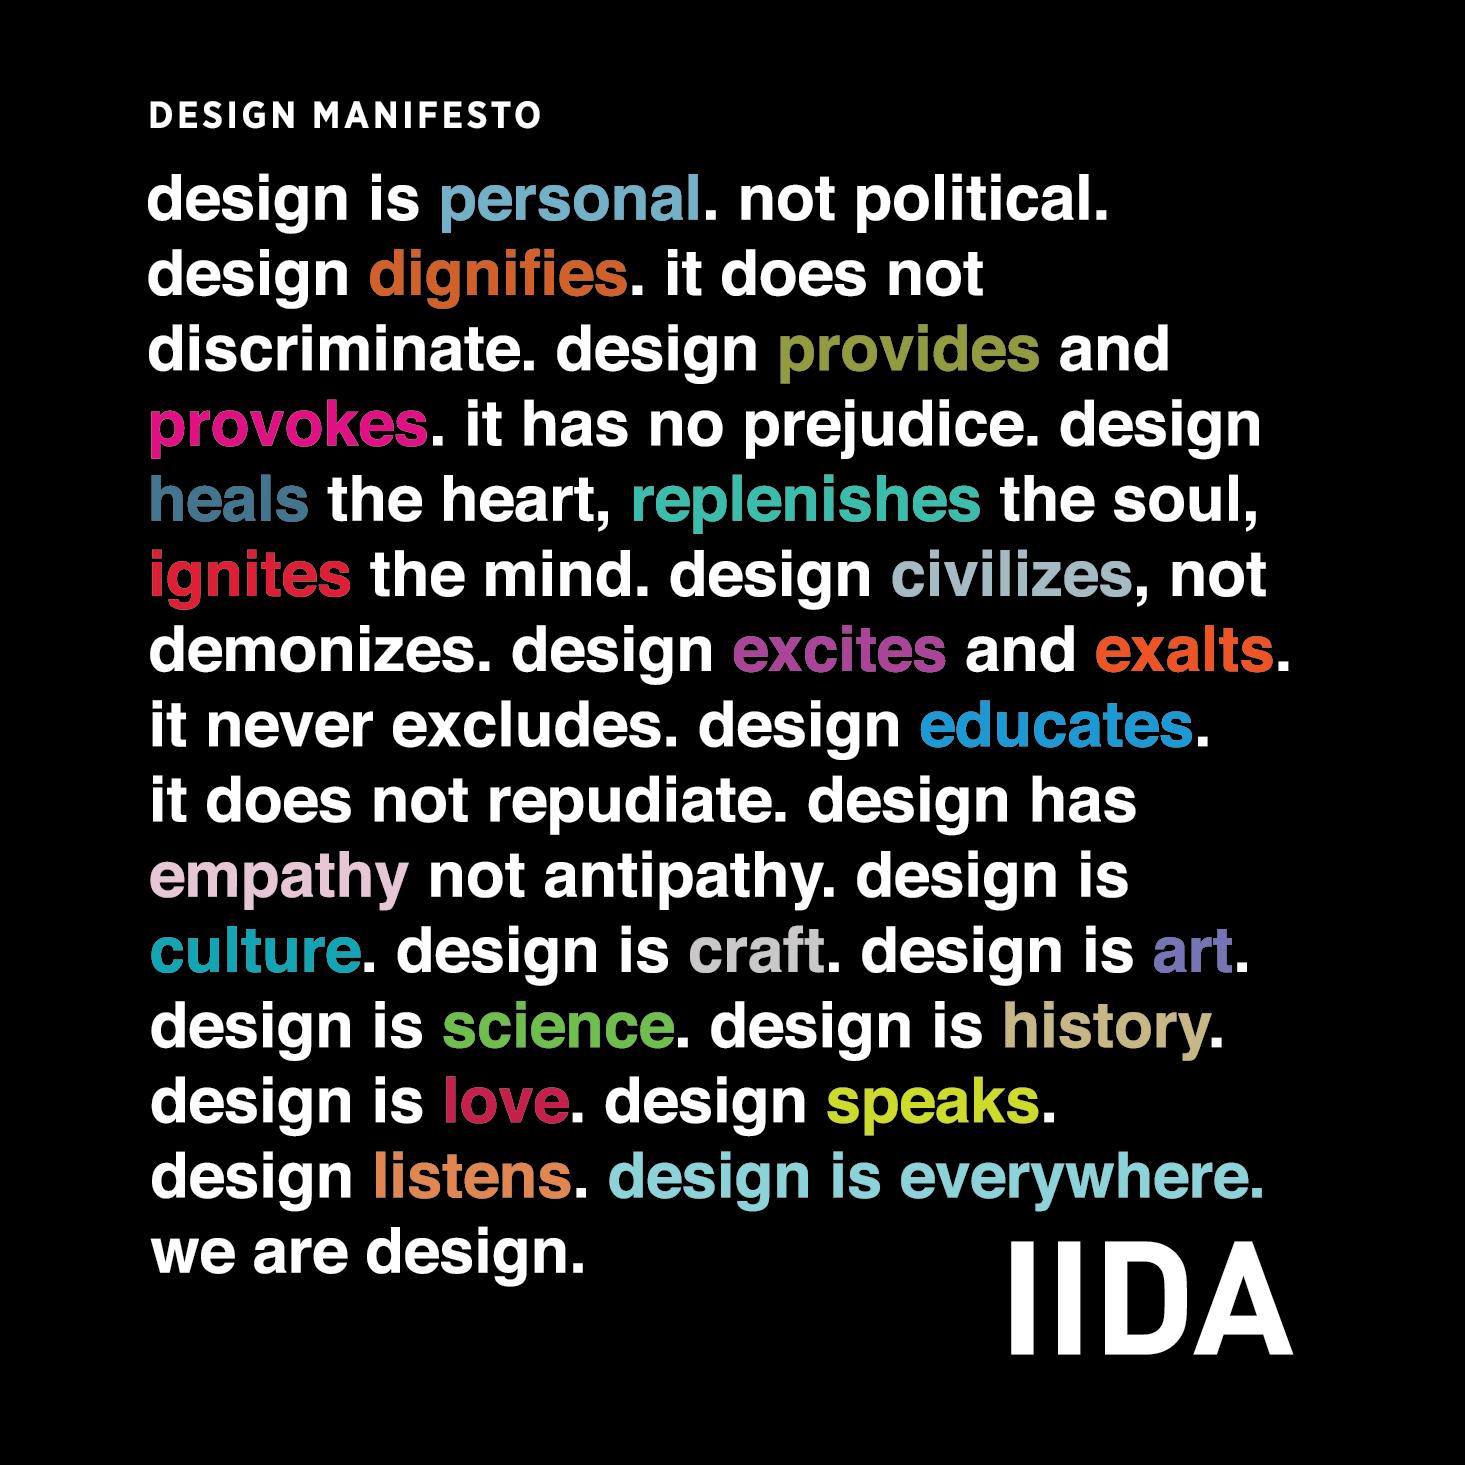 IIDA-manifesto-01.jpg